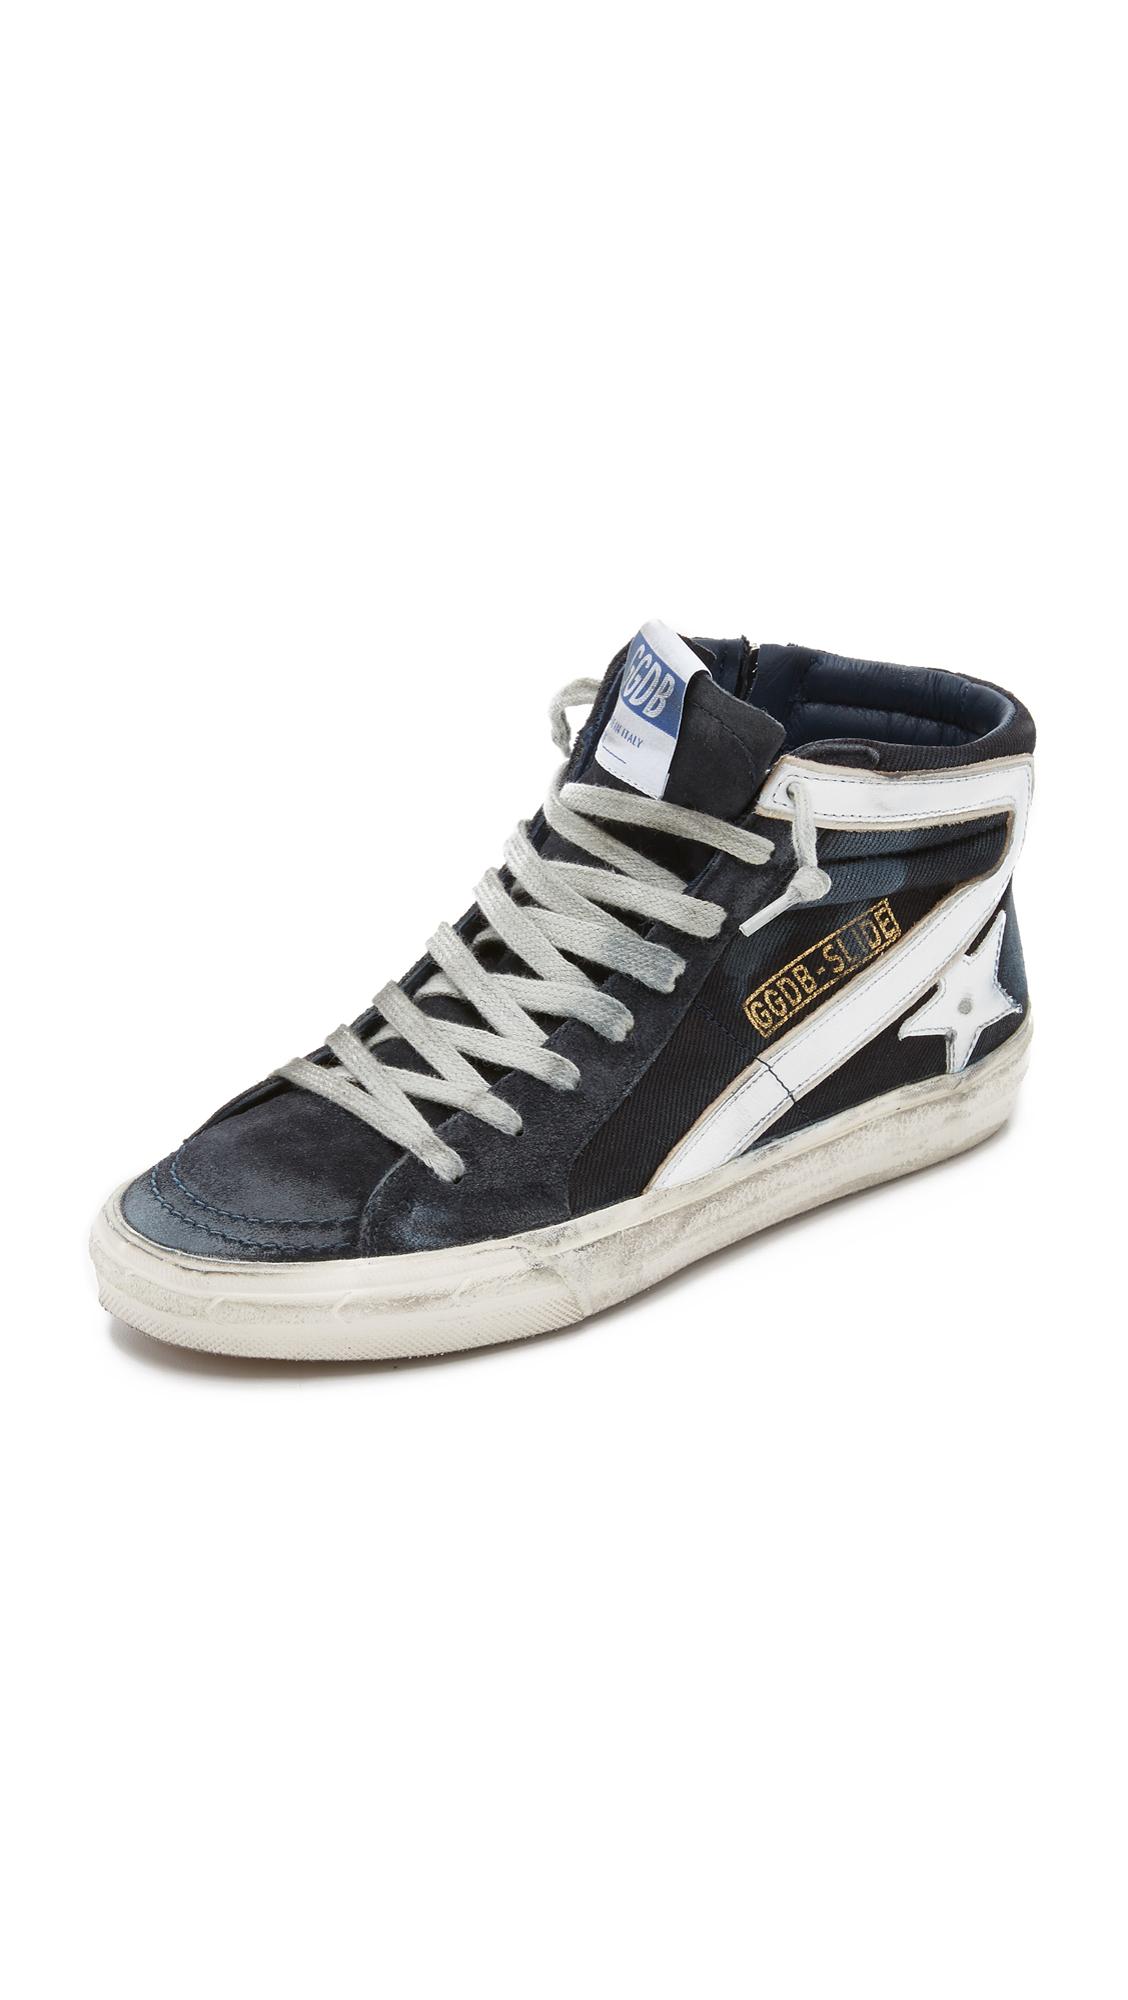 Golden Goose Navy Denim Slide High-Top Sneakers 8YbIpqCUtO